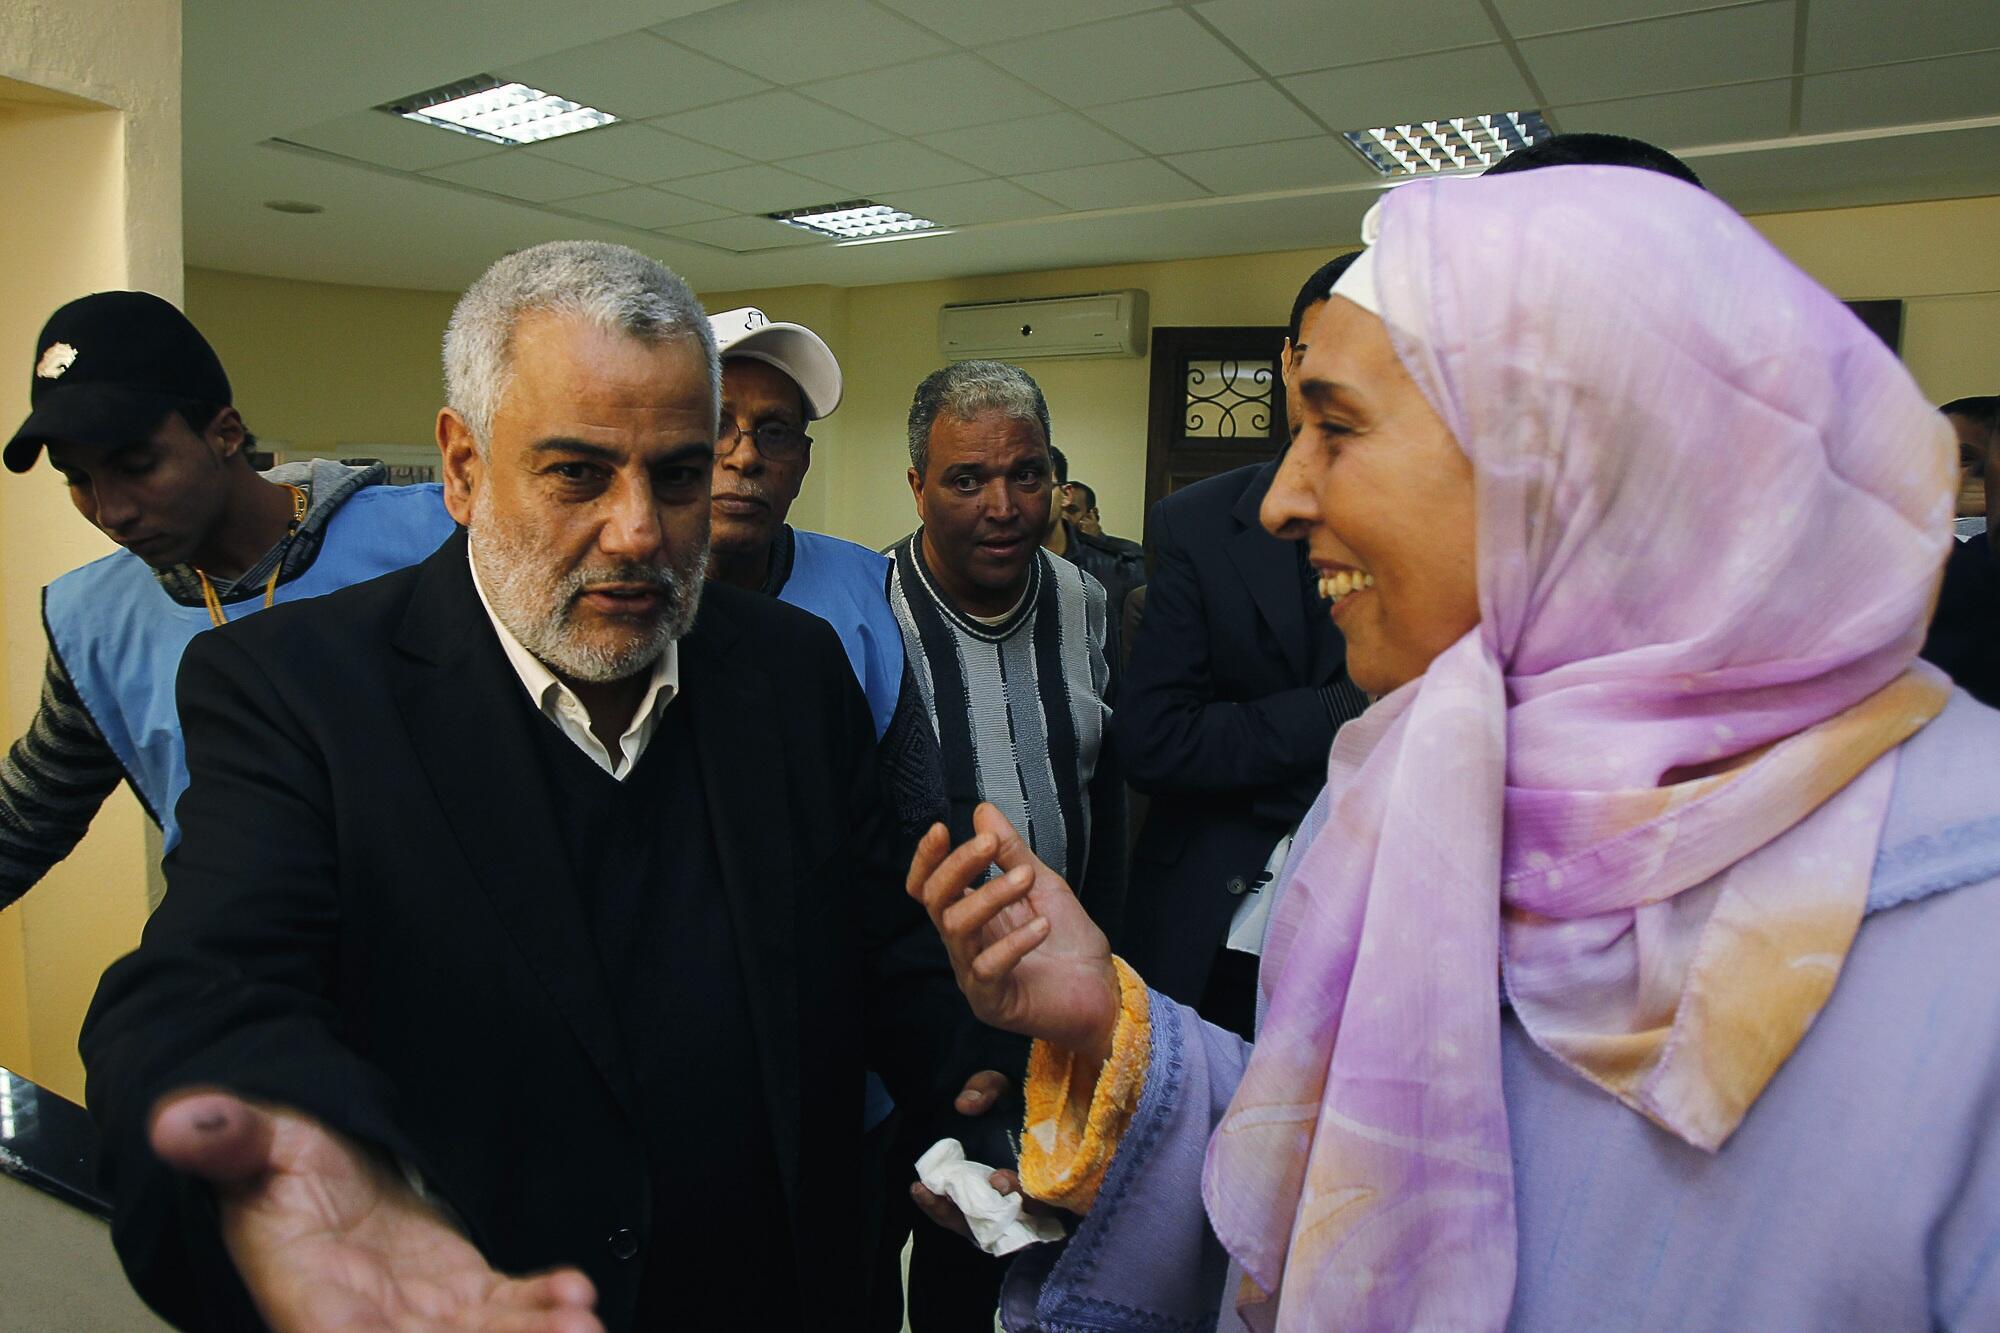 Tổng thư ký Đảng Công Lý và Phát triển PJD Abdelillah Benkirane (trái) tại phòng phiếu ở Rabat, 26/11/2011